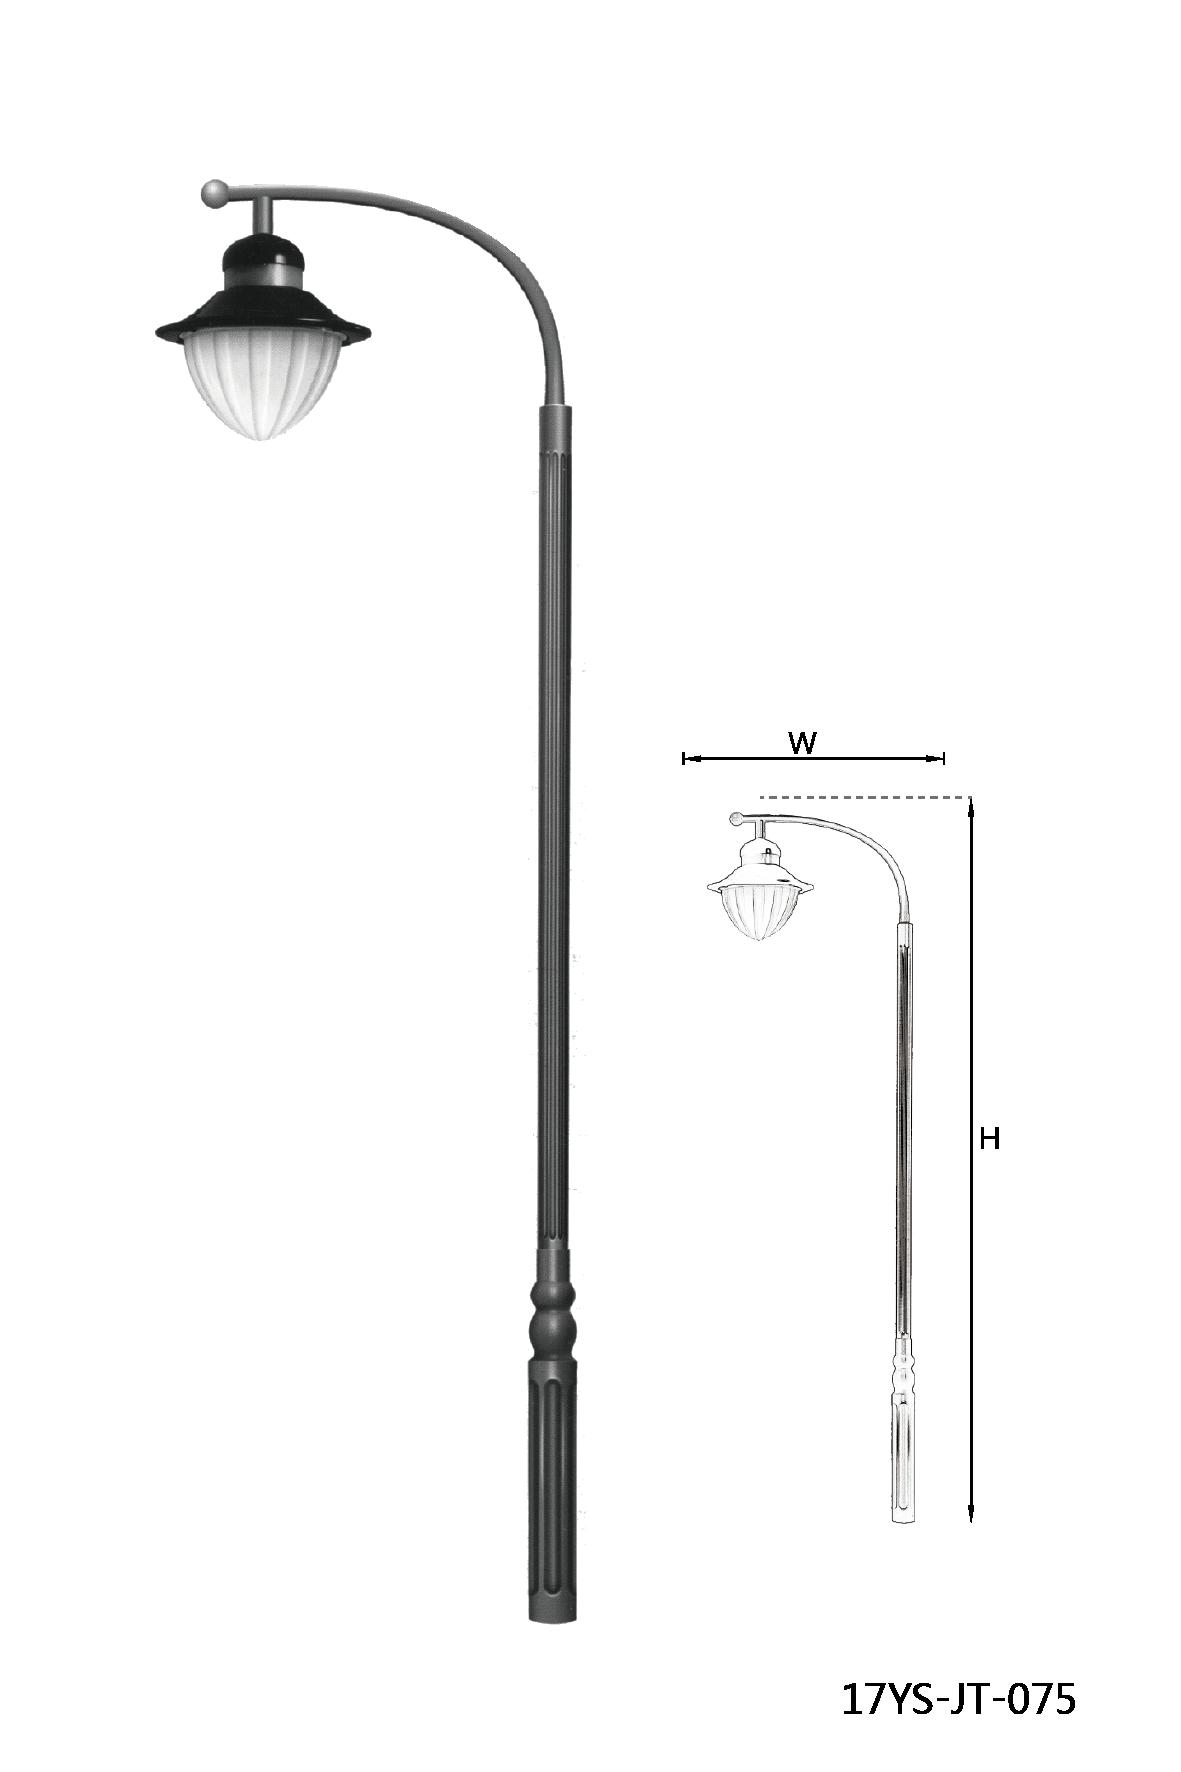 lampu taman outdoor dengan q235 baja tiang lampu lampu untuk taman buy lampu taman lampu outdoor taman tiang lampu taman product on alibaba com lampu taman outdoor dengan q235 baja tiang lampu lampu untuk taman buy lampu taman lampu outdoor taman tiang lampu taman product on alibaba com